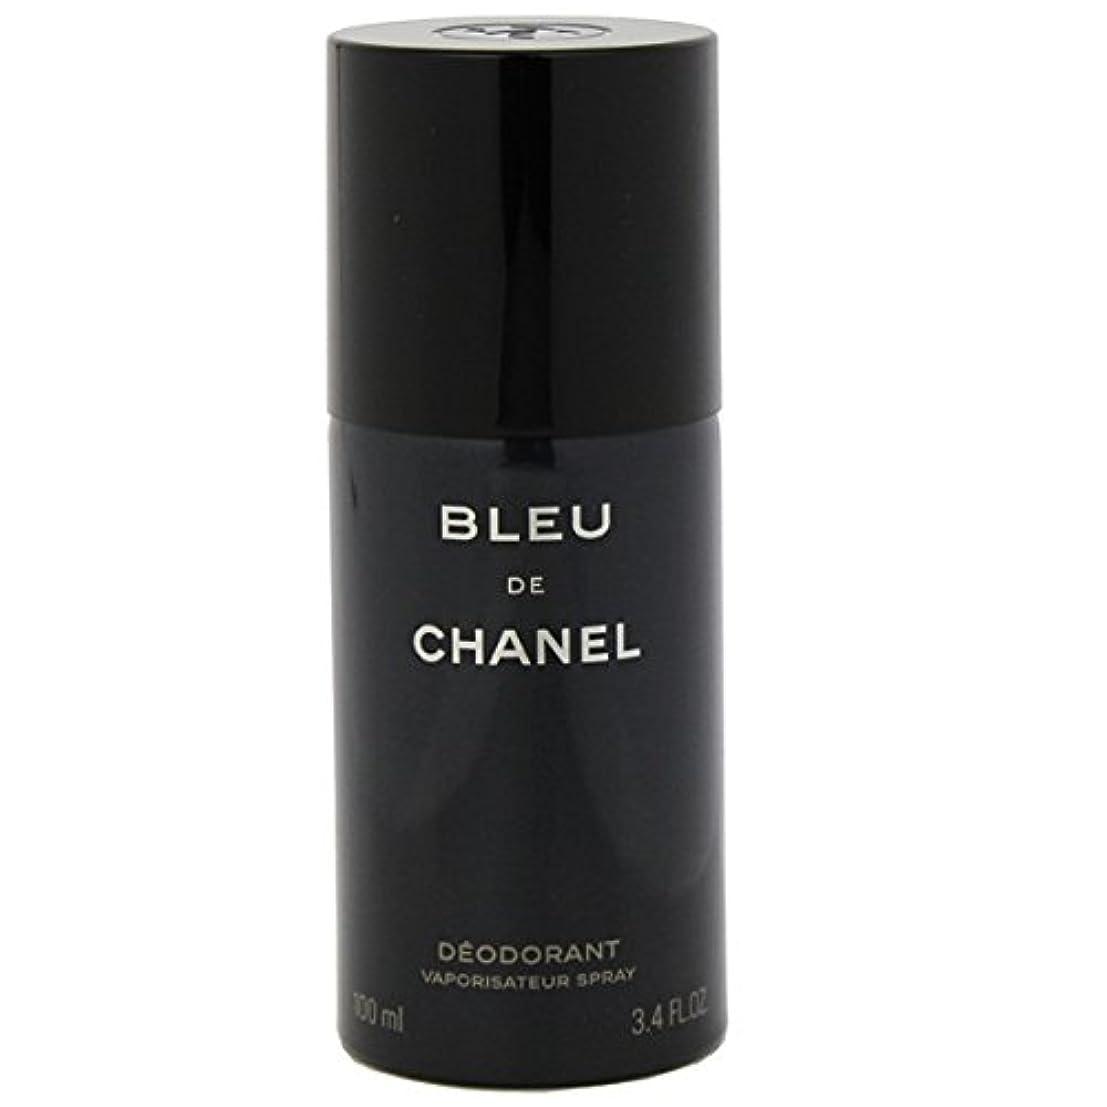 苦しめる枯渇これらシャネル(CHANEL) ブルー ドゥ シャネル デオドラントスプレー 100ml[並行輸入品]